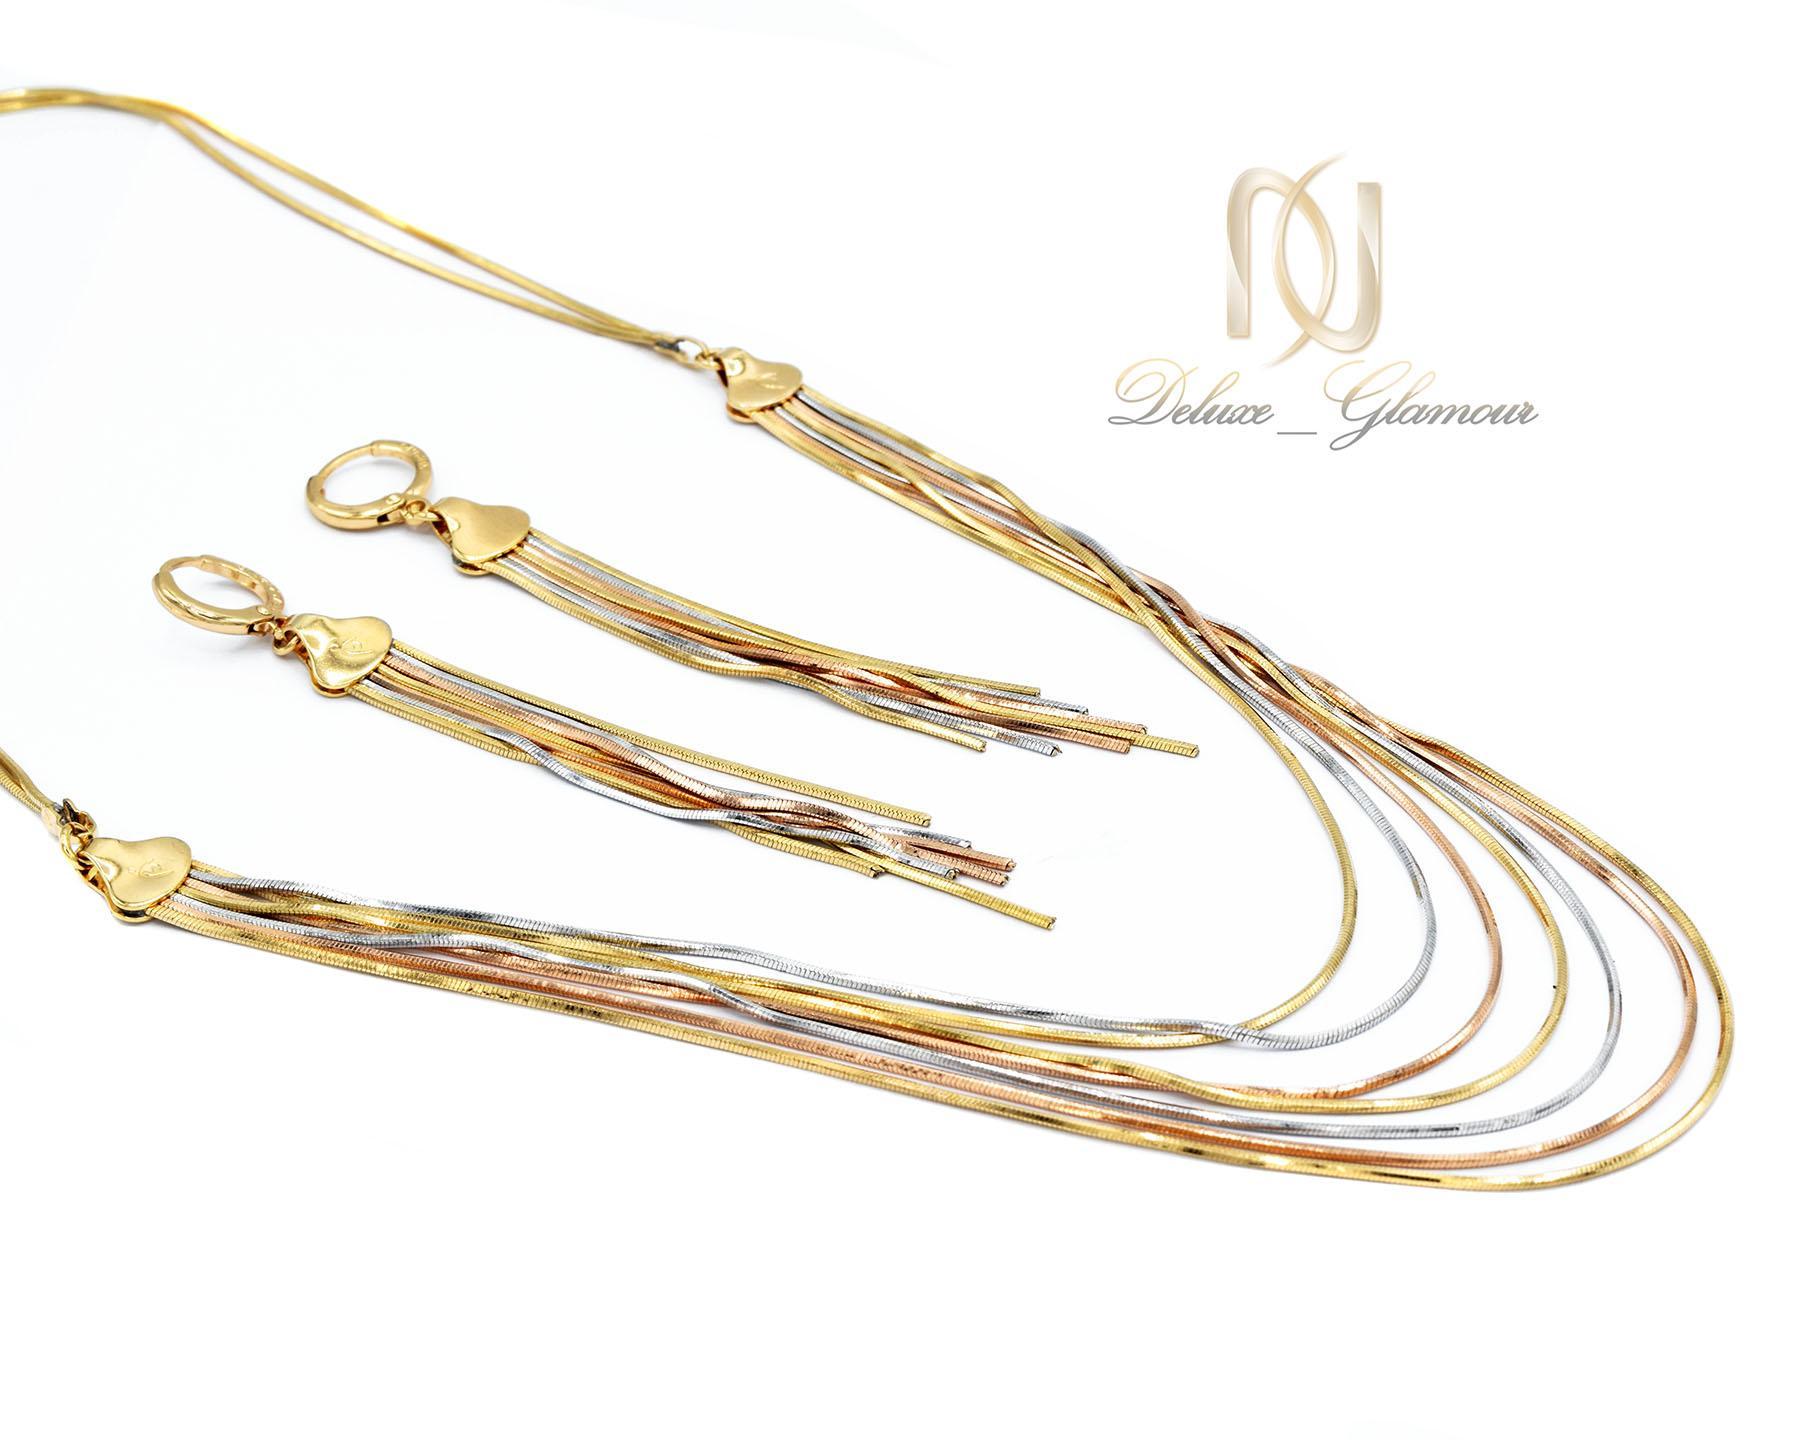 نیم ست زنانه ژوپینگ طرح ایتالیایی سه رنگ ns-n464 از نمای کنار